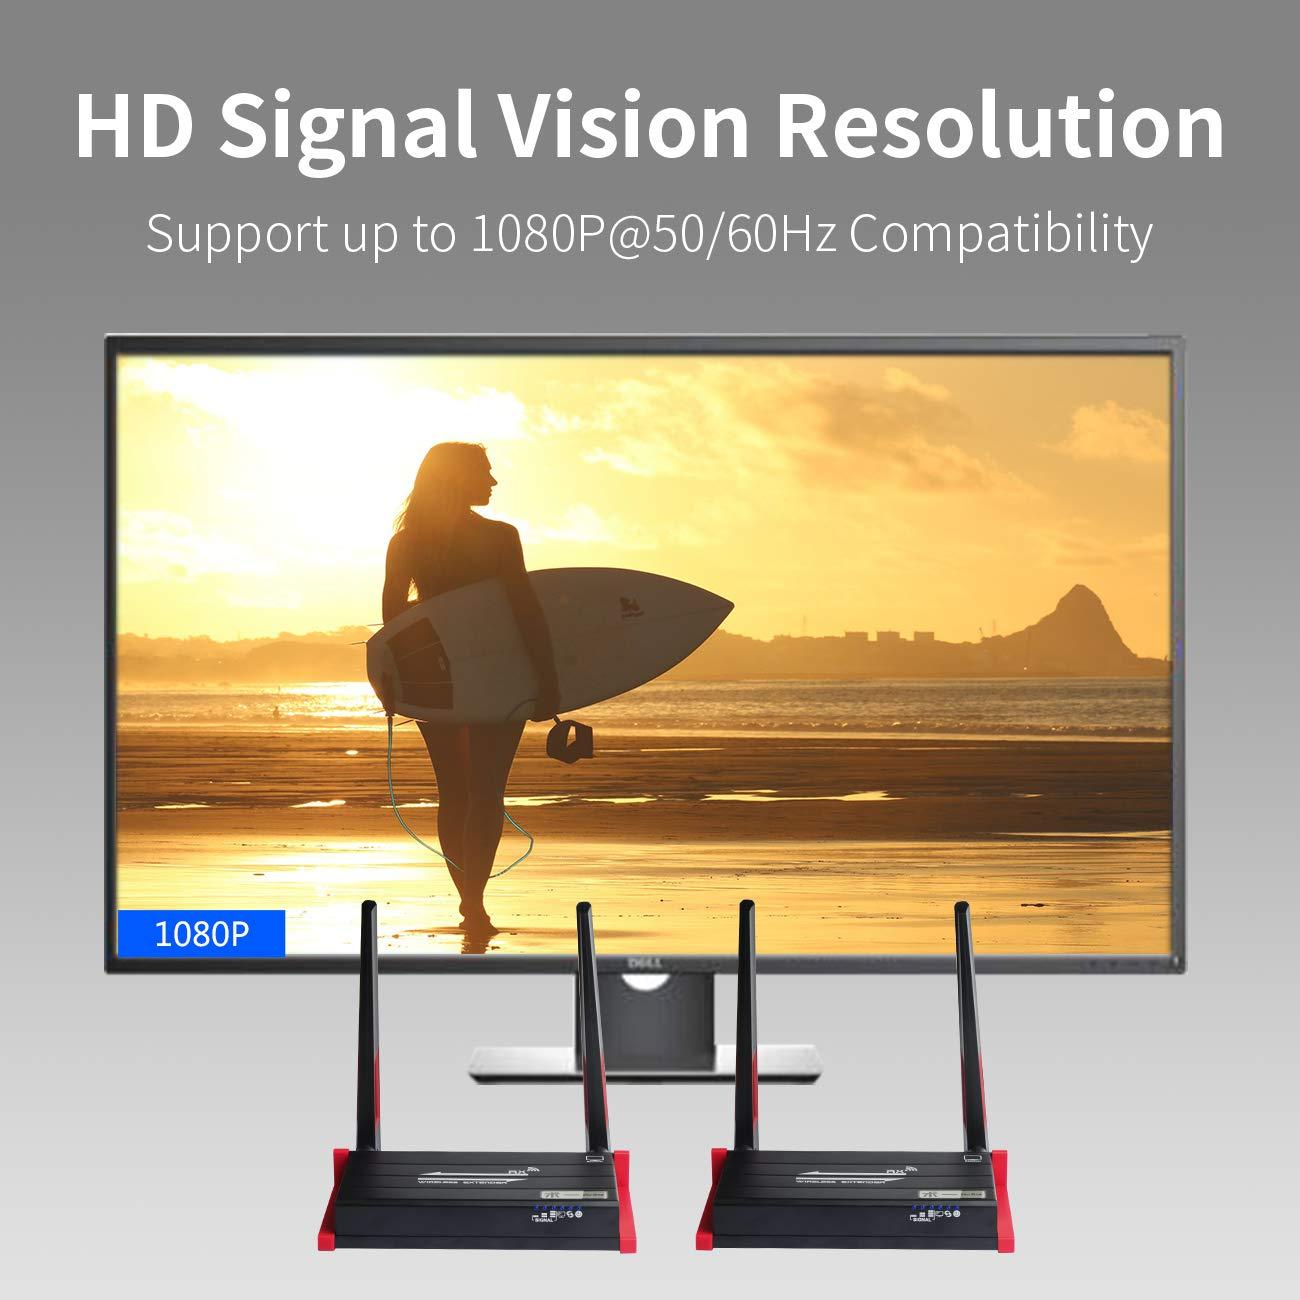 ShuOne Receptor de transmisor HDMI inal/ámbrico Receptor de 5 GHz 1080P 60 HZ Salida en Bucle Local con Control Remoto por Infrarrojos 196 pies (60 m)